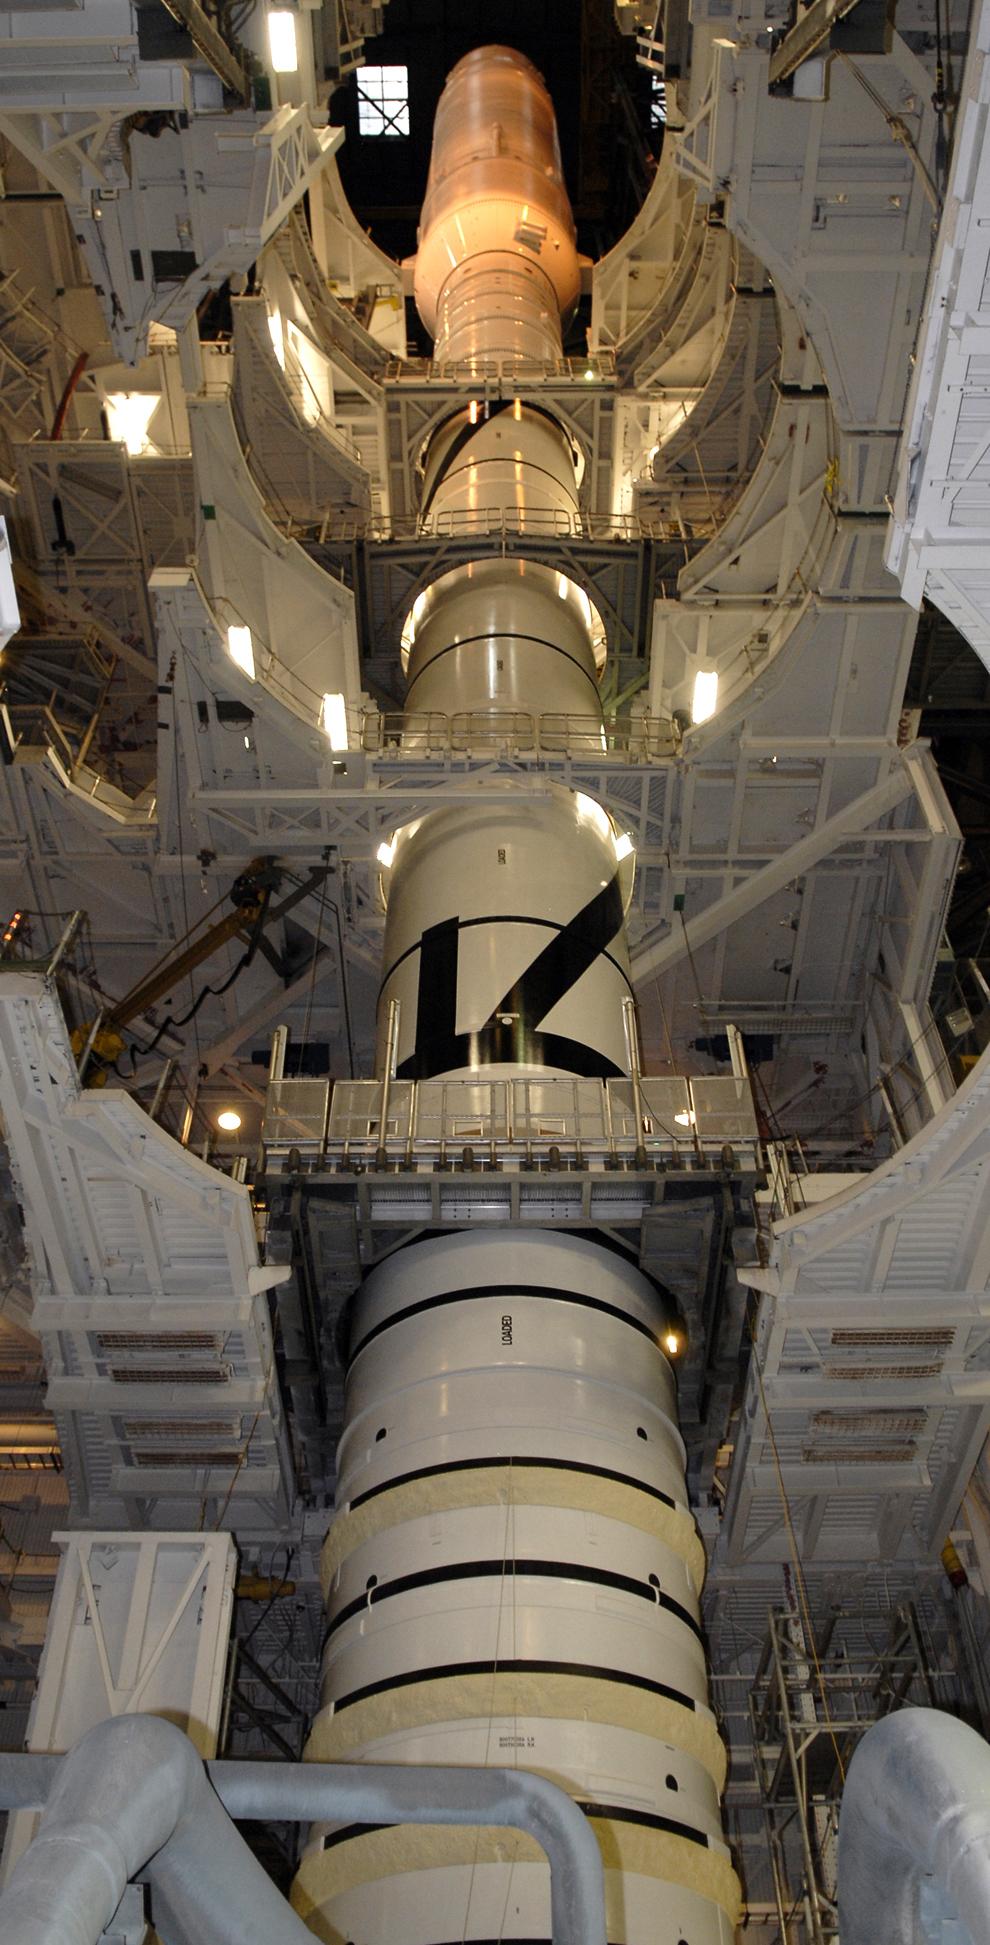 16. Рабочие площадки окружают ракету Ares I-X в корпусе по сбору аппаратов в космическом центре Кеннеди. Ракета прошла тестирование в условиях, в которых она может оказаться во время выхода из крена на стартовой площадке 39B, а также погодных условиях на платформе и первый запуск. Во время тестирования четыре штановых стряхивателя с гидроприводом доставляют вибрации в ракету, и колебание поперечного движения вводится в ручную, чтобы измерить отдачу летательного аппарата. На испытательном аппарате установлено в общей сложности 44 акселерометра, на это потребовалось более 8 222 метров кабеля. (NASA/Kim Shiflett)